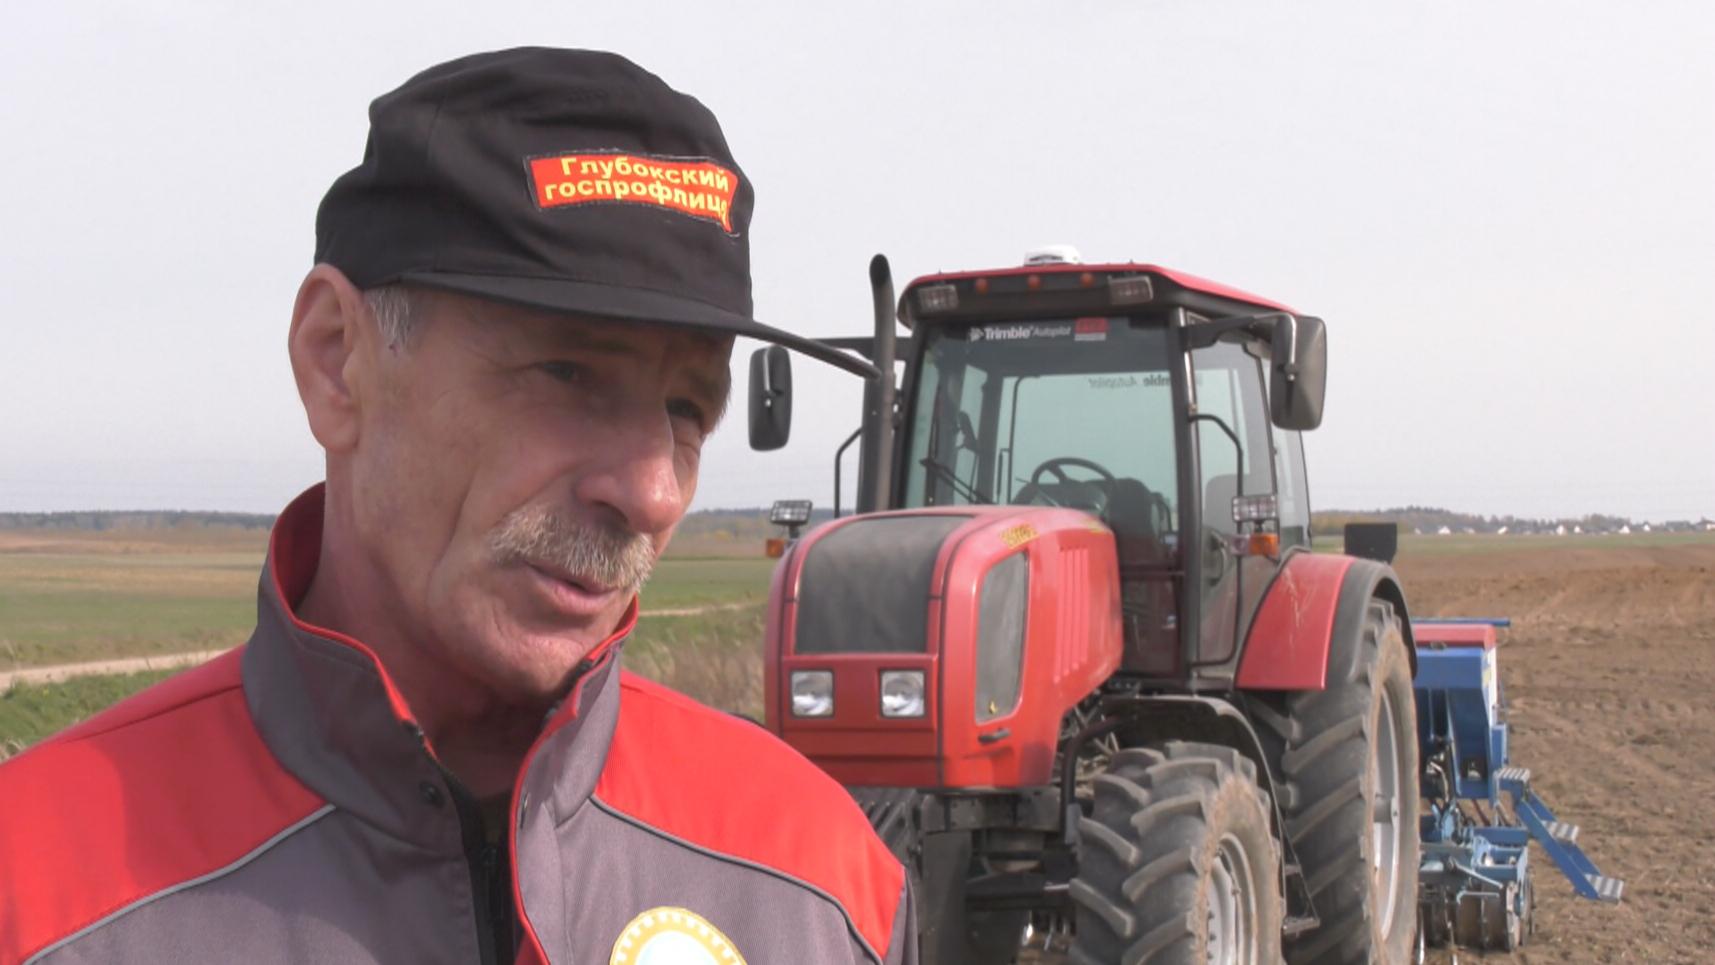 sh - Центр точного земледелия действует в Глубоком (видео)